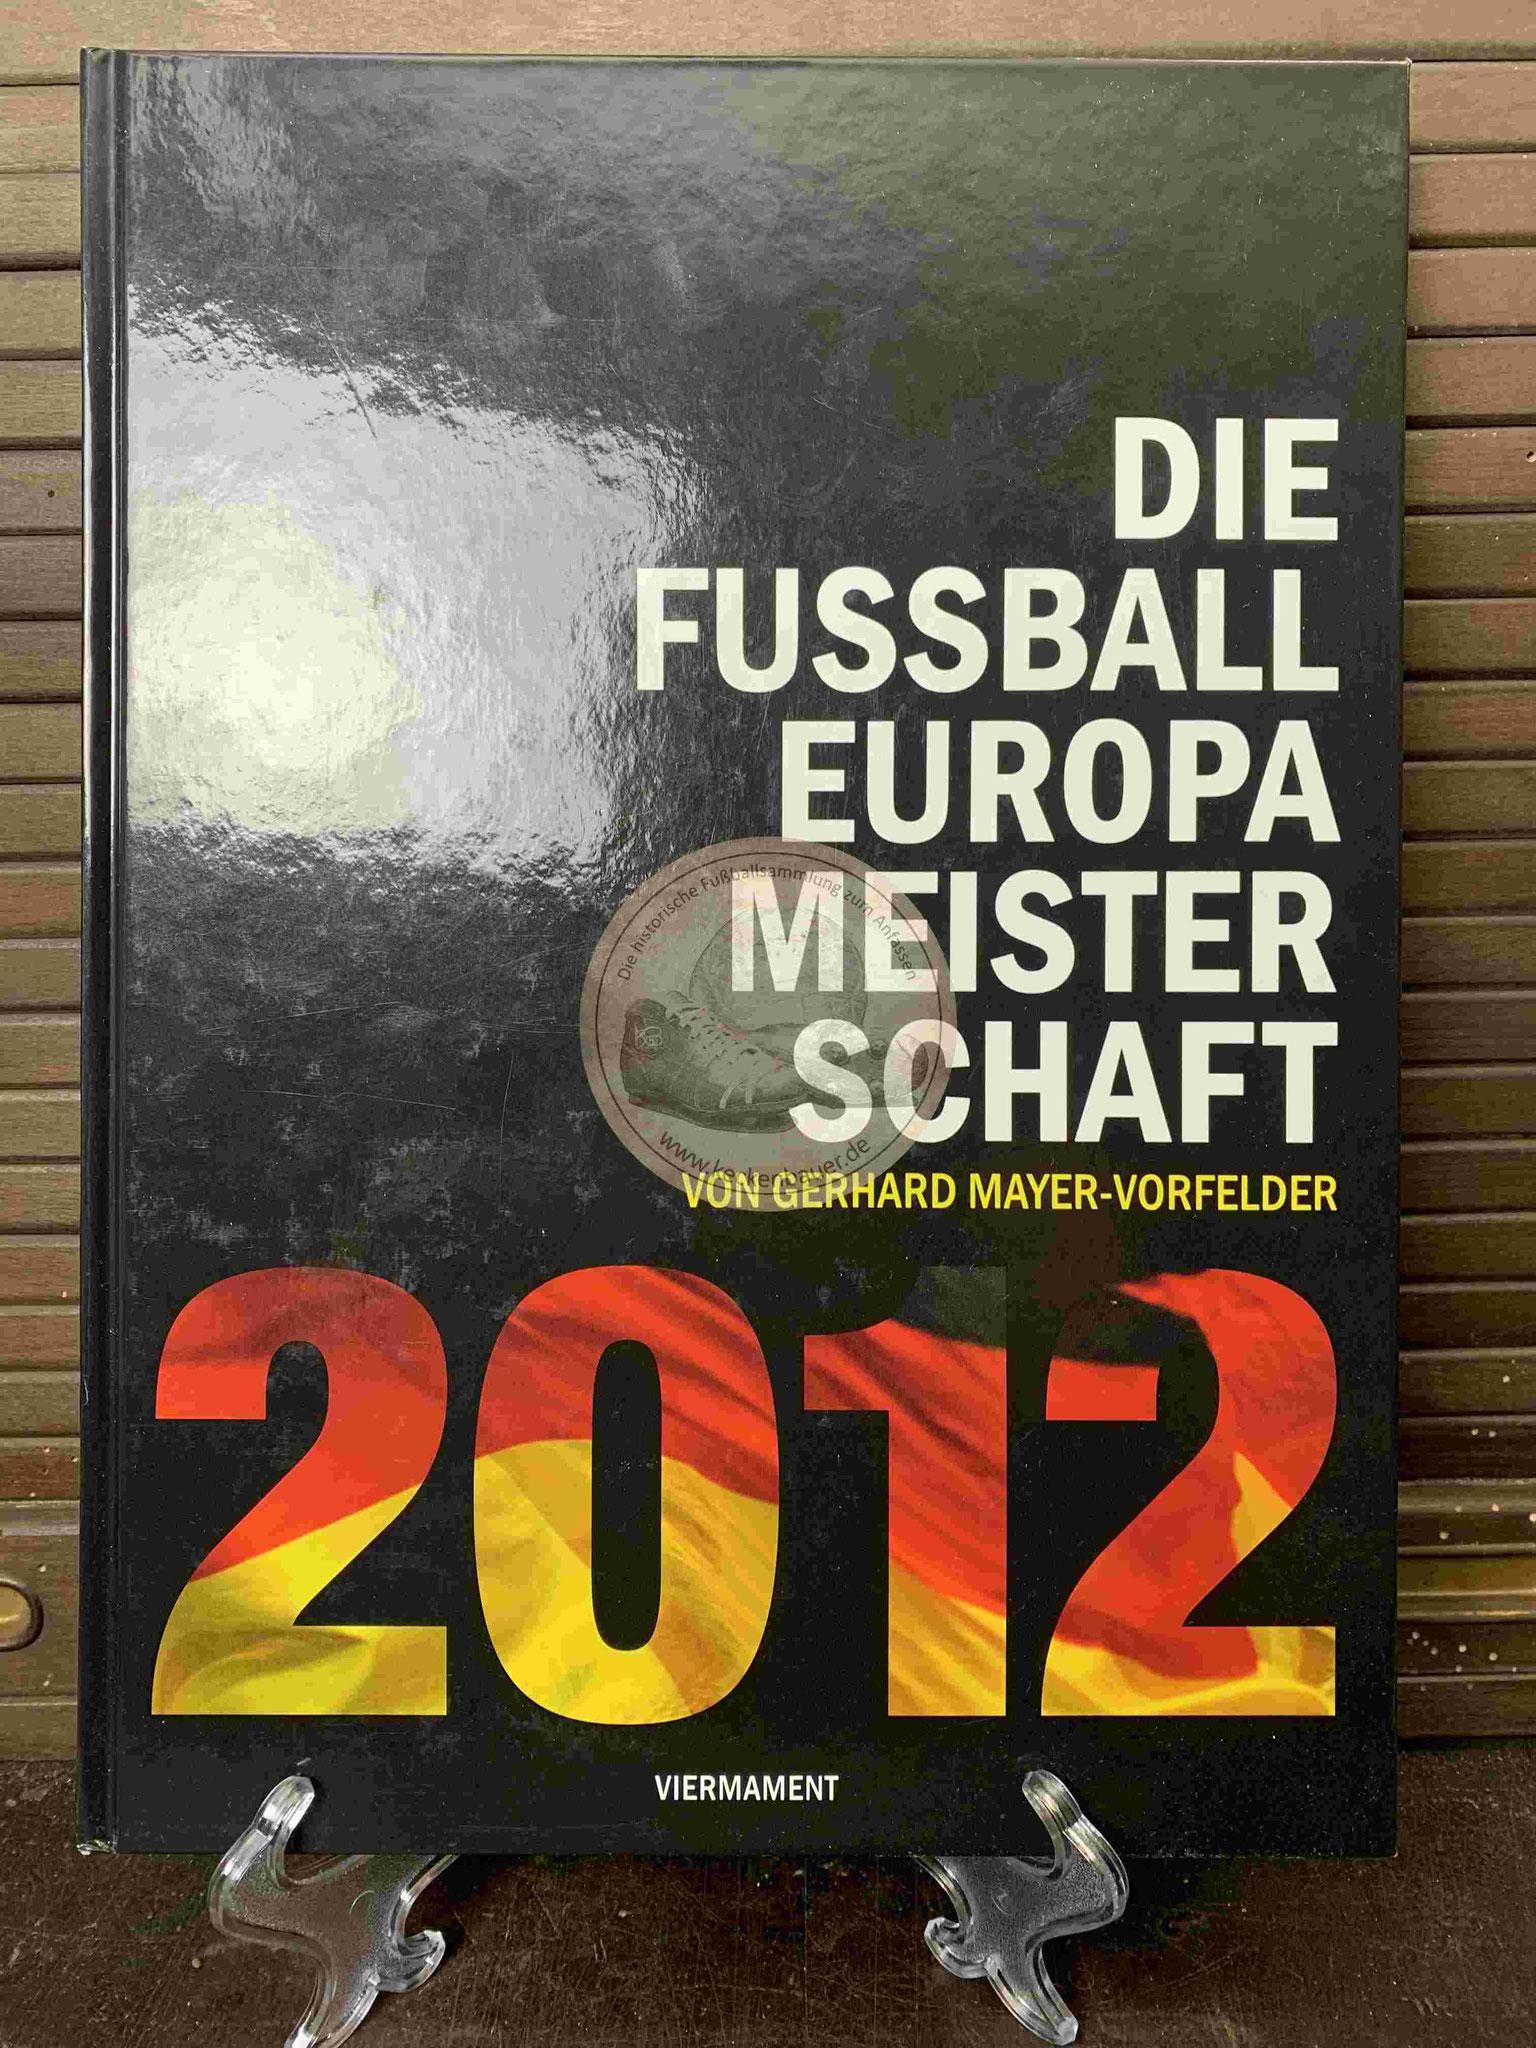 Gerhard Mayer-Vorfelder Die Fussball Europameisterschaft 2012